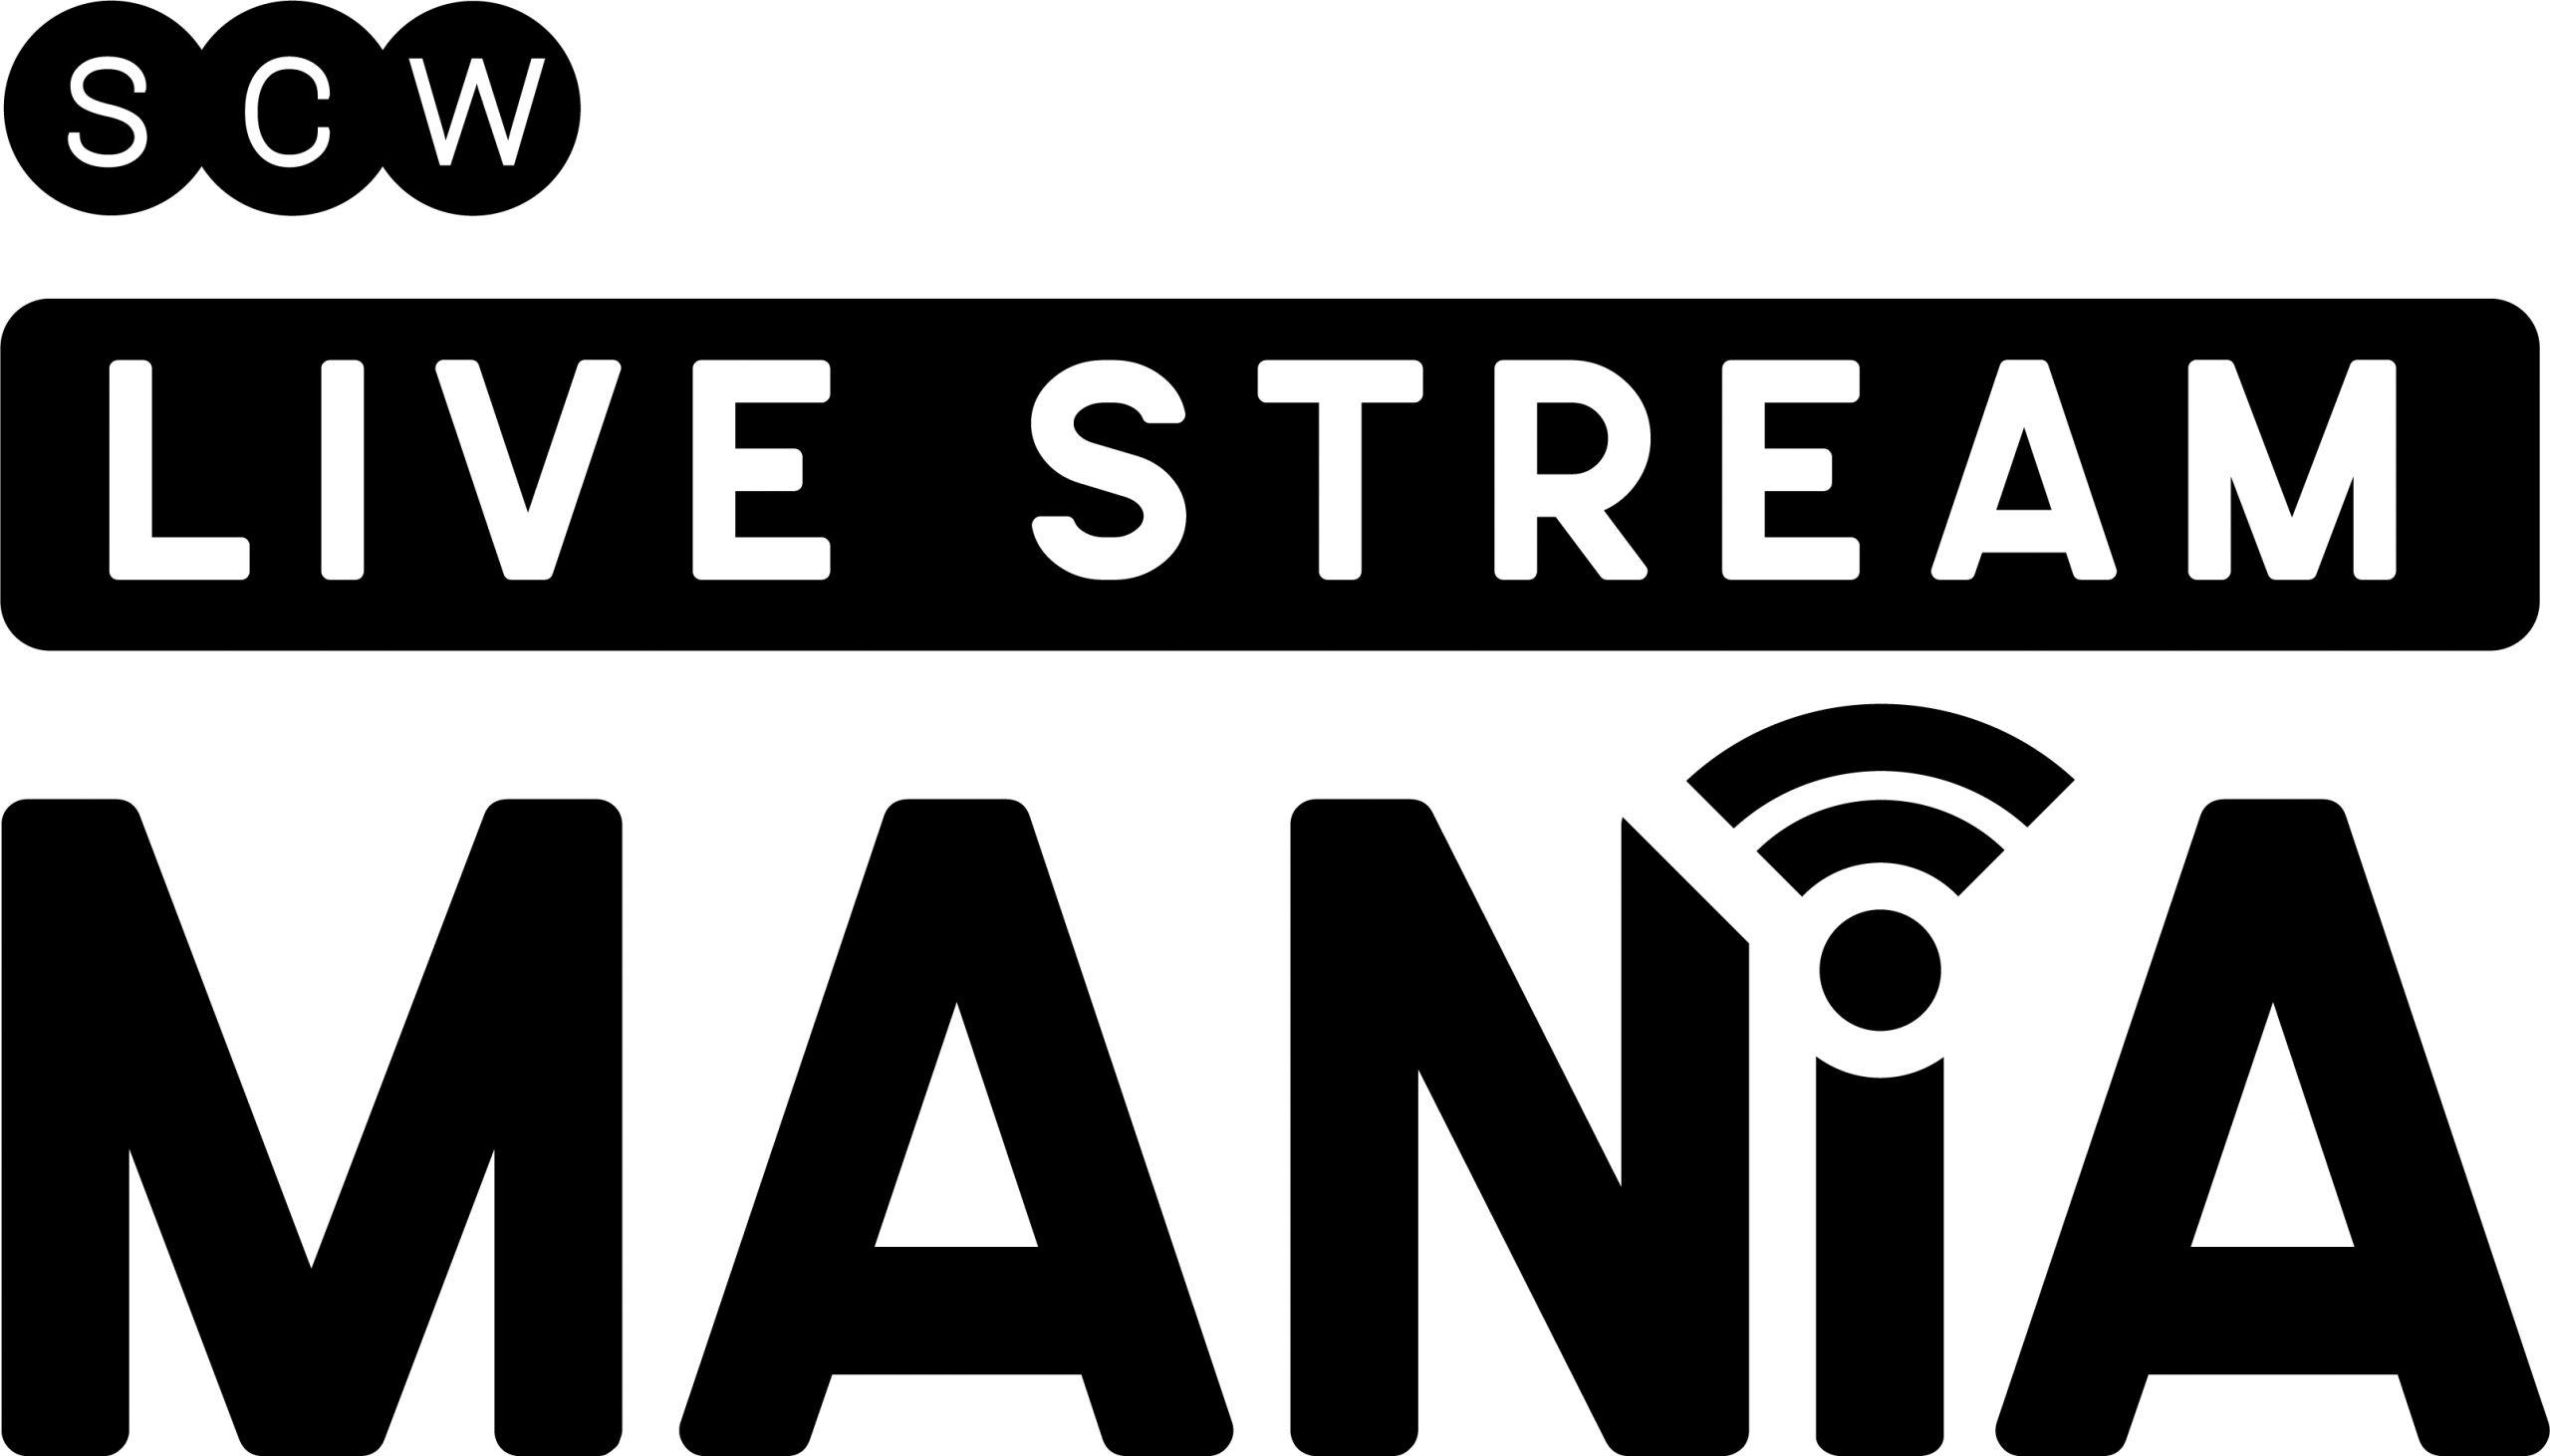 Live Stream MANIA